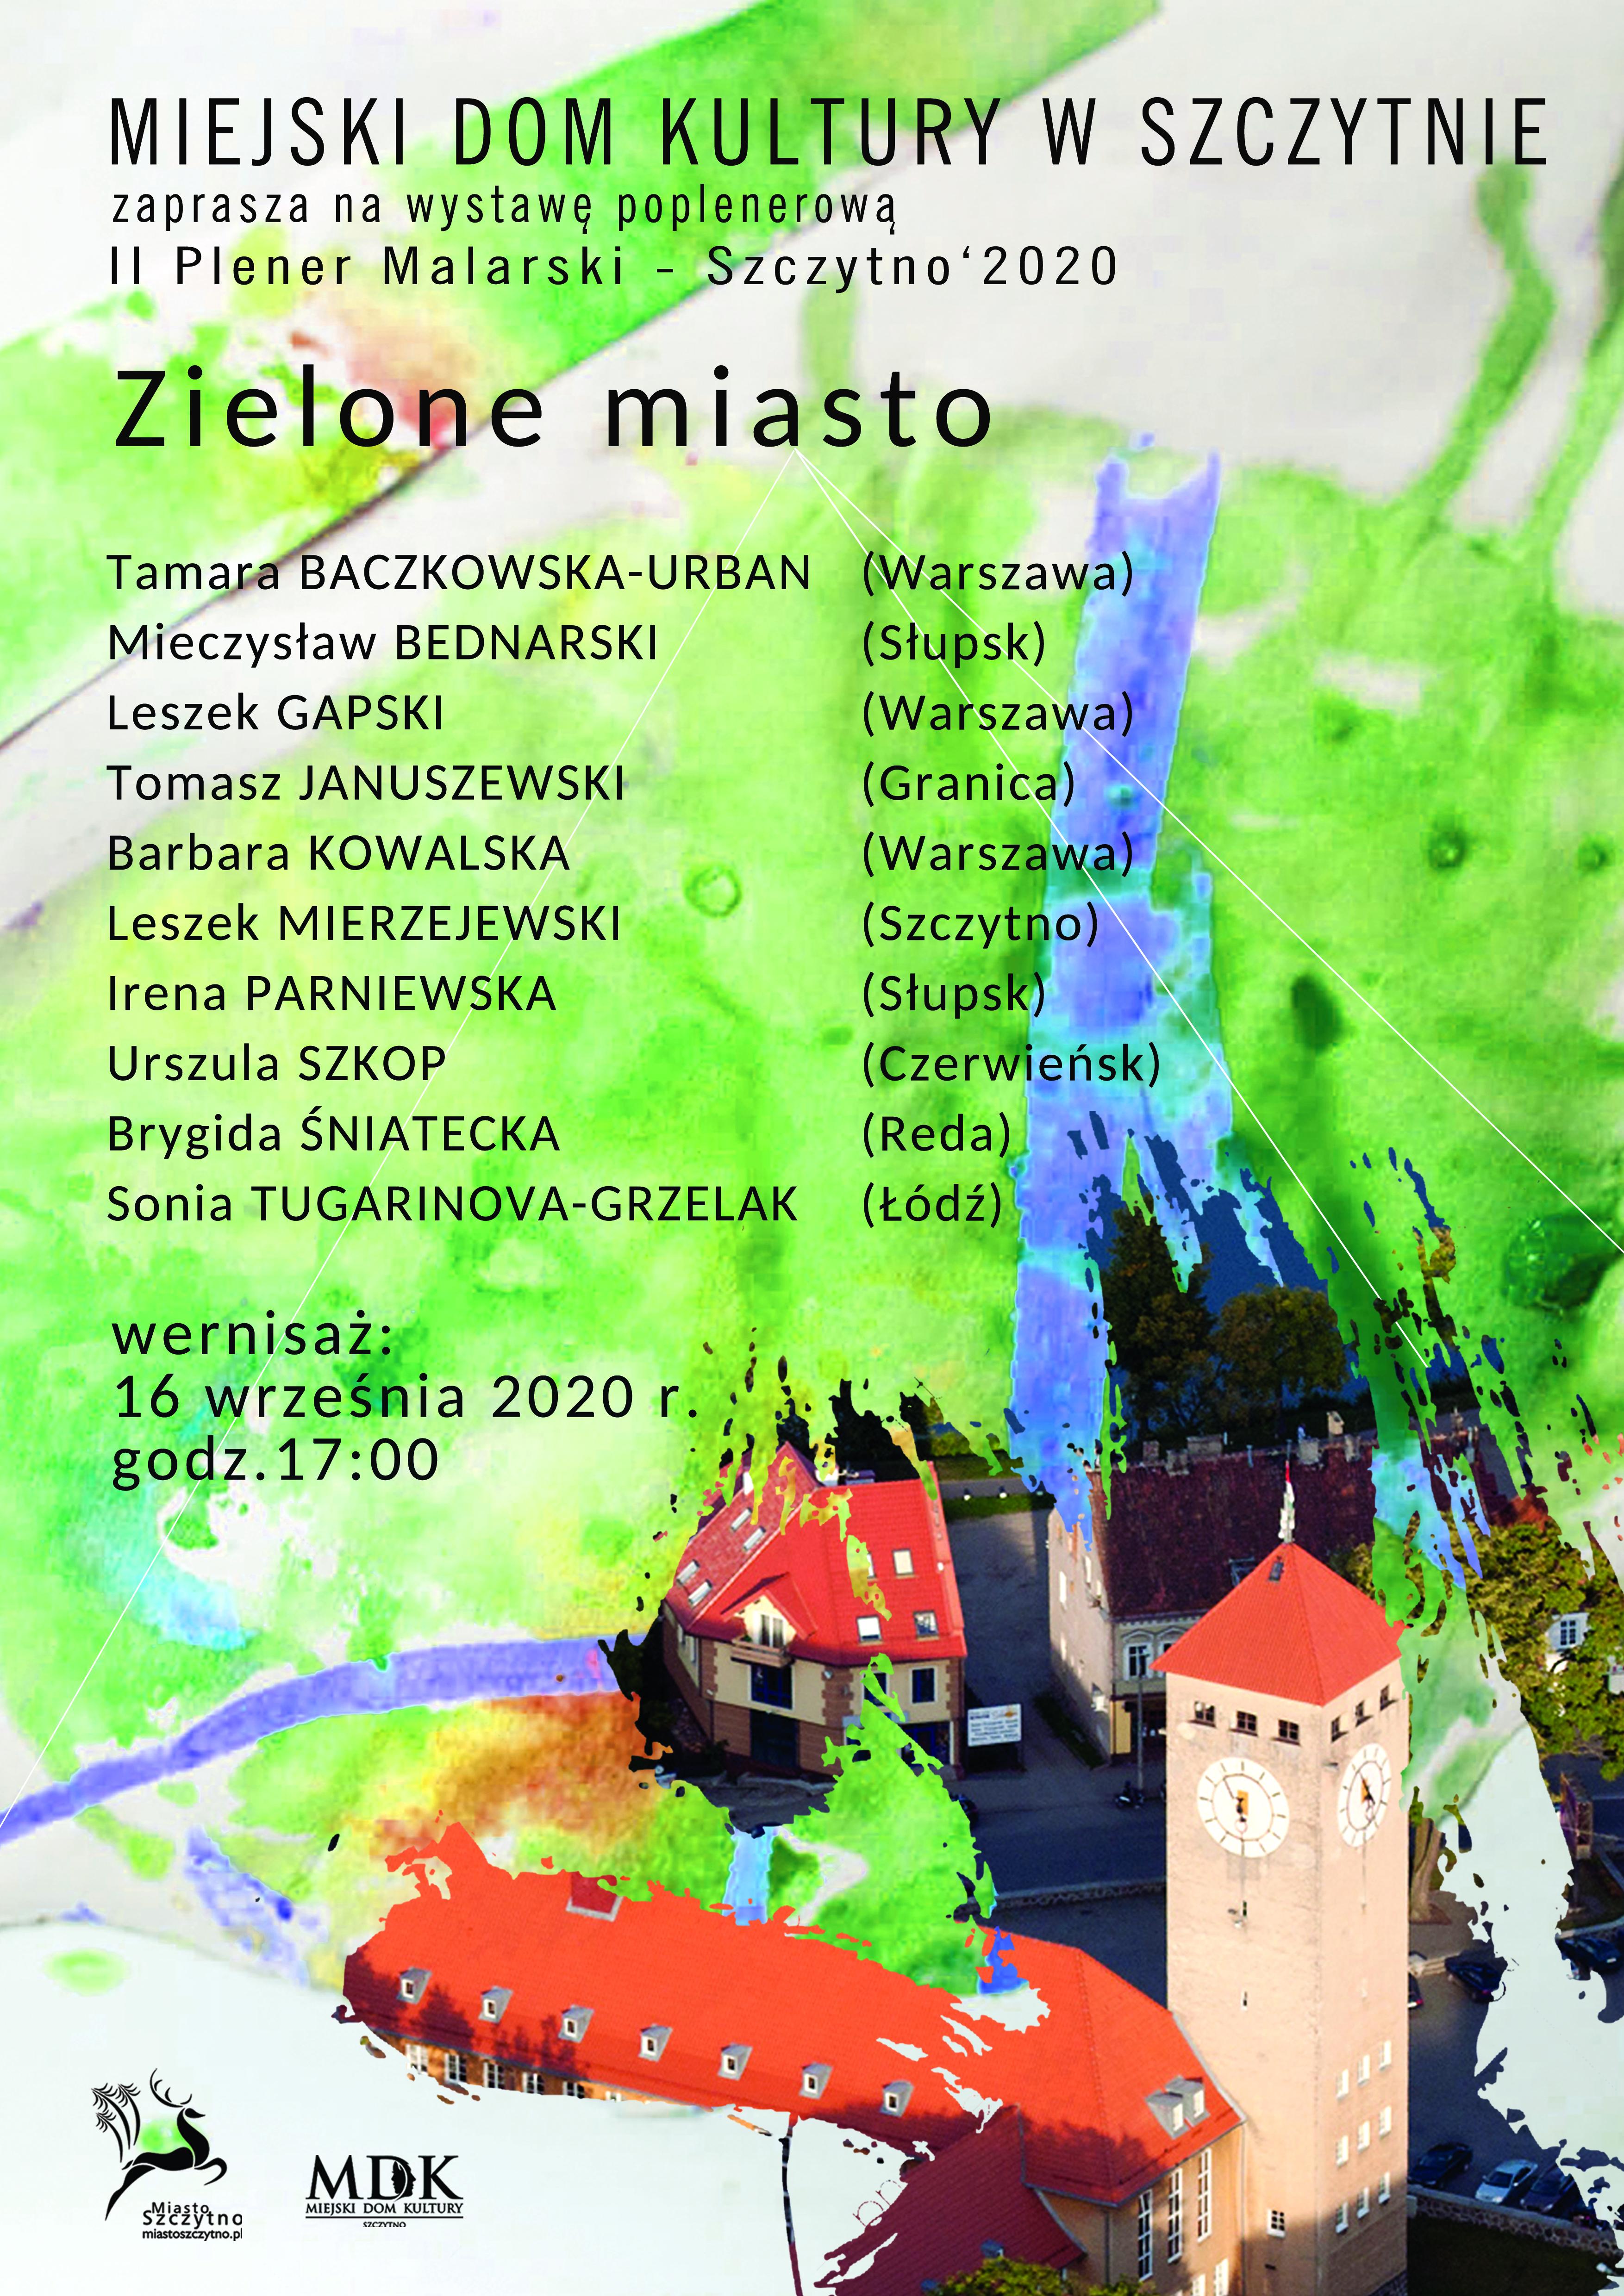 Wernisaż II Pleneru Malarskiego – Szczytno' 2020,